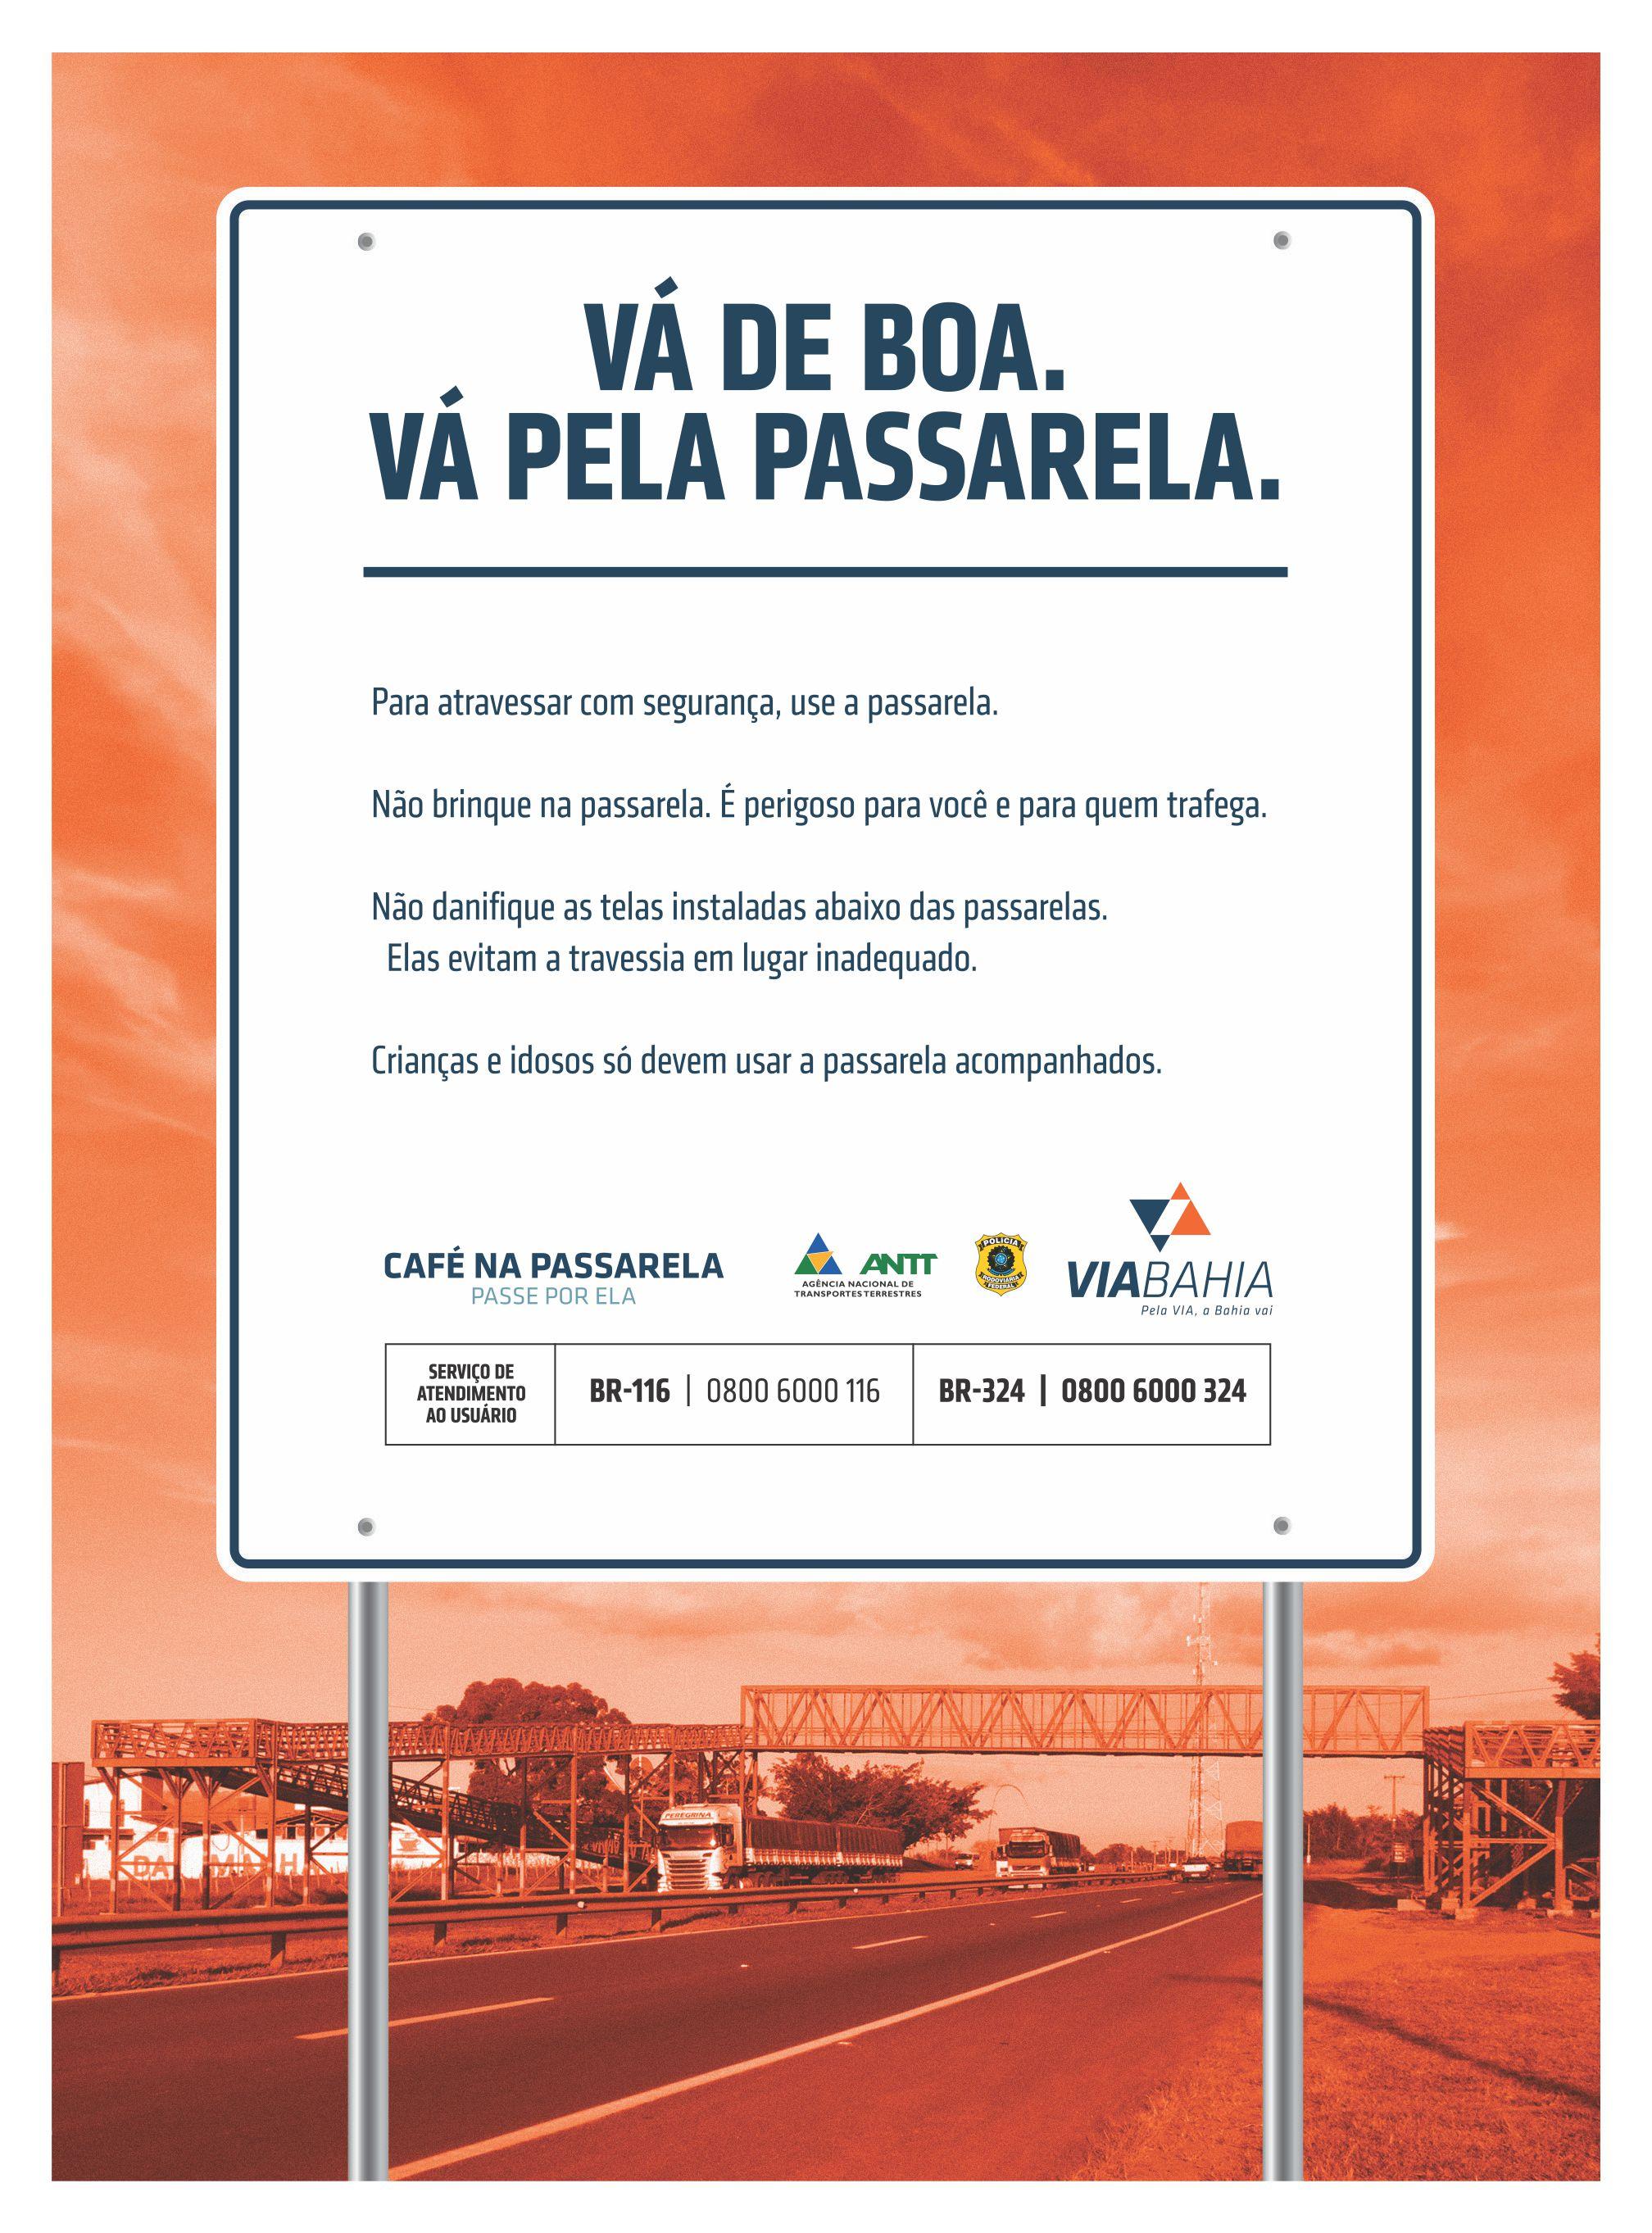 Projeto Café na Passarela